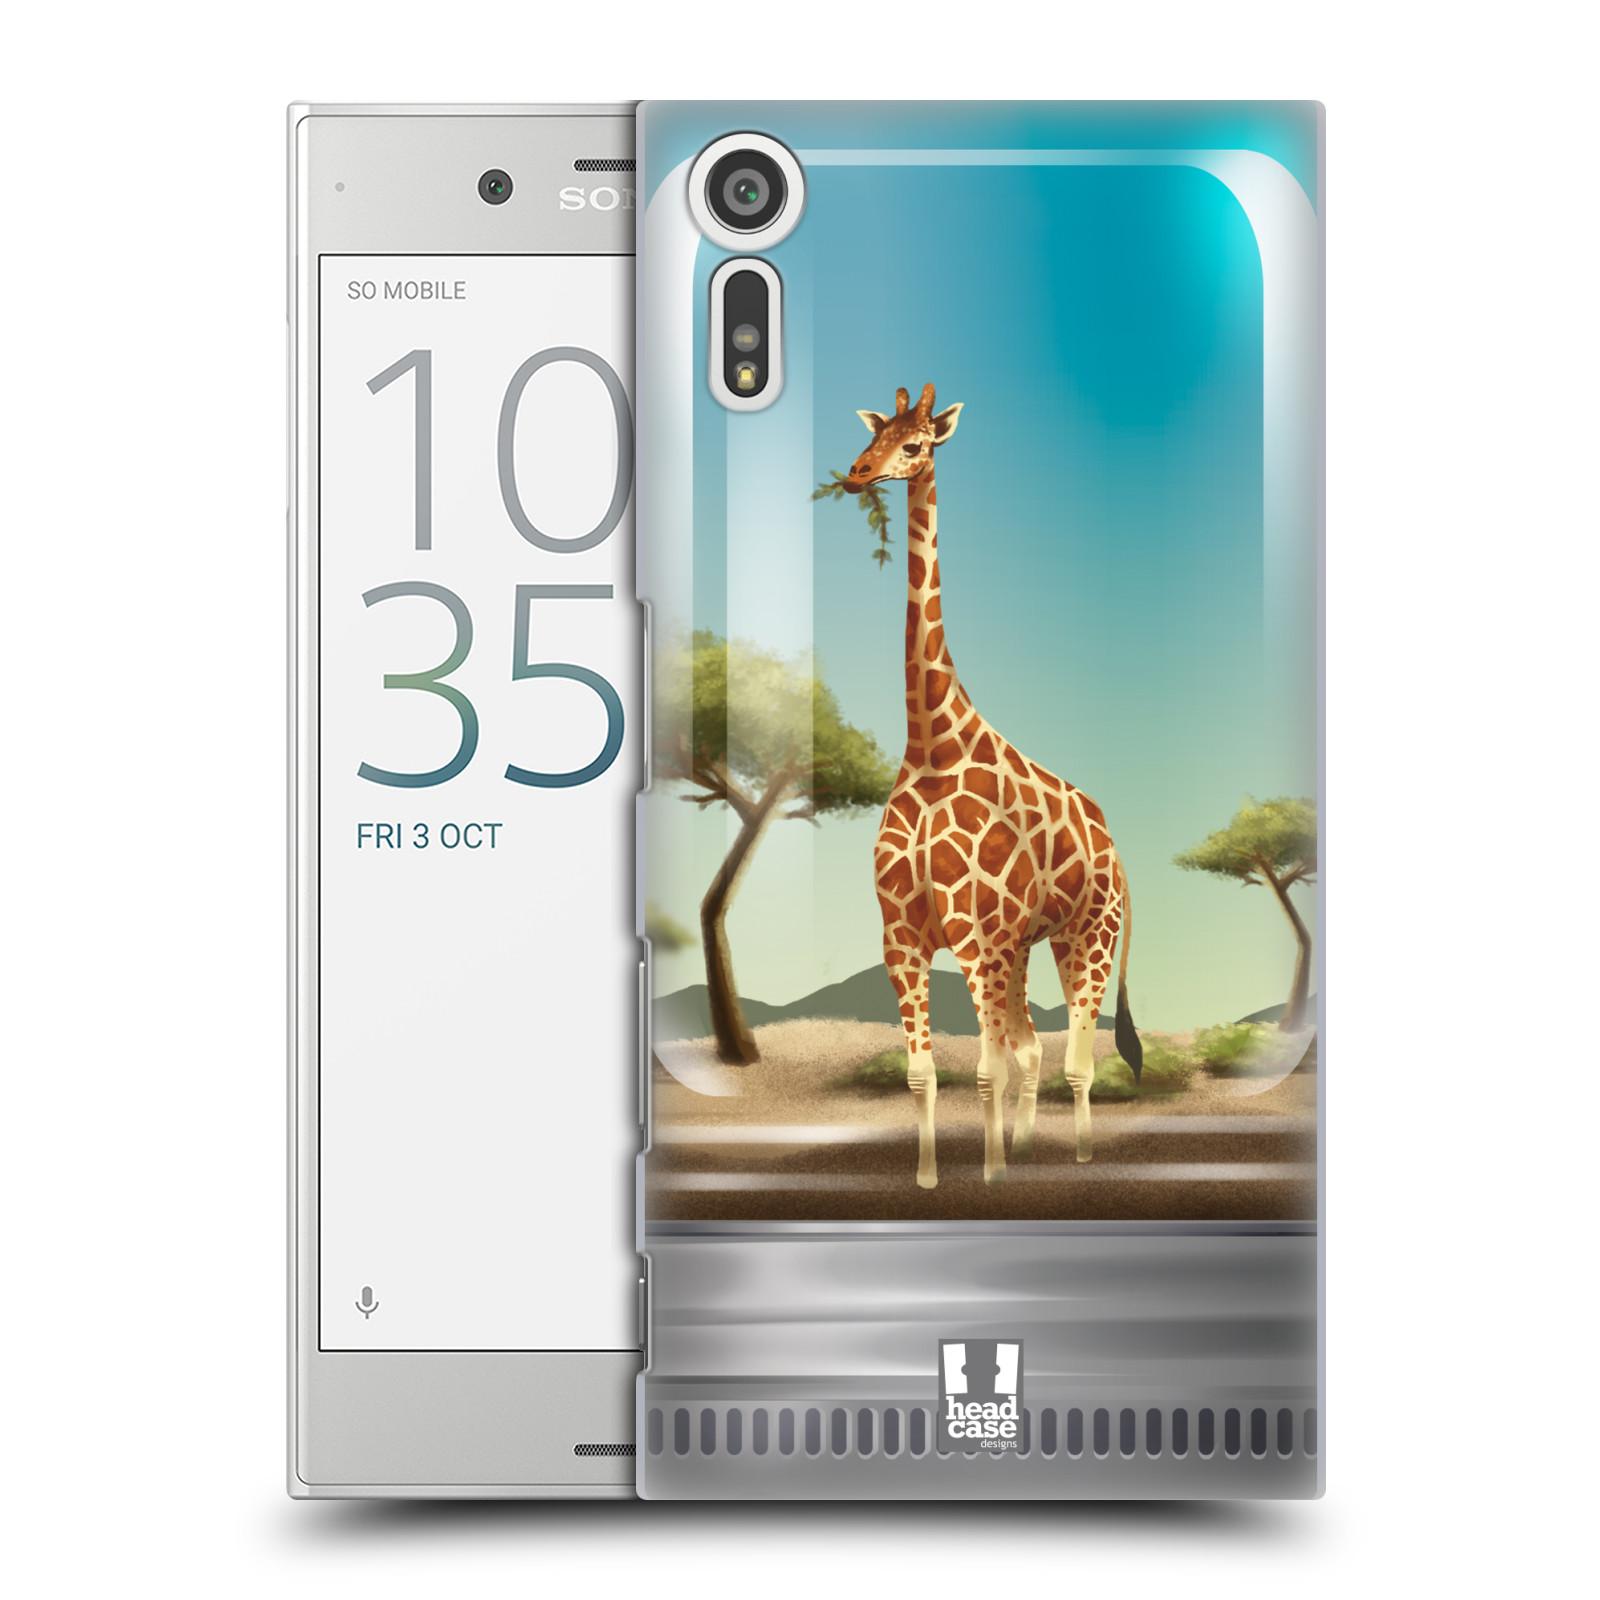 HEAD CASE plastový obal na mobil Sony Xperia XZ vzor Zvířátka v těžítku žirafa